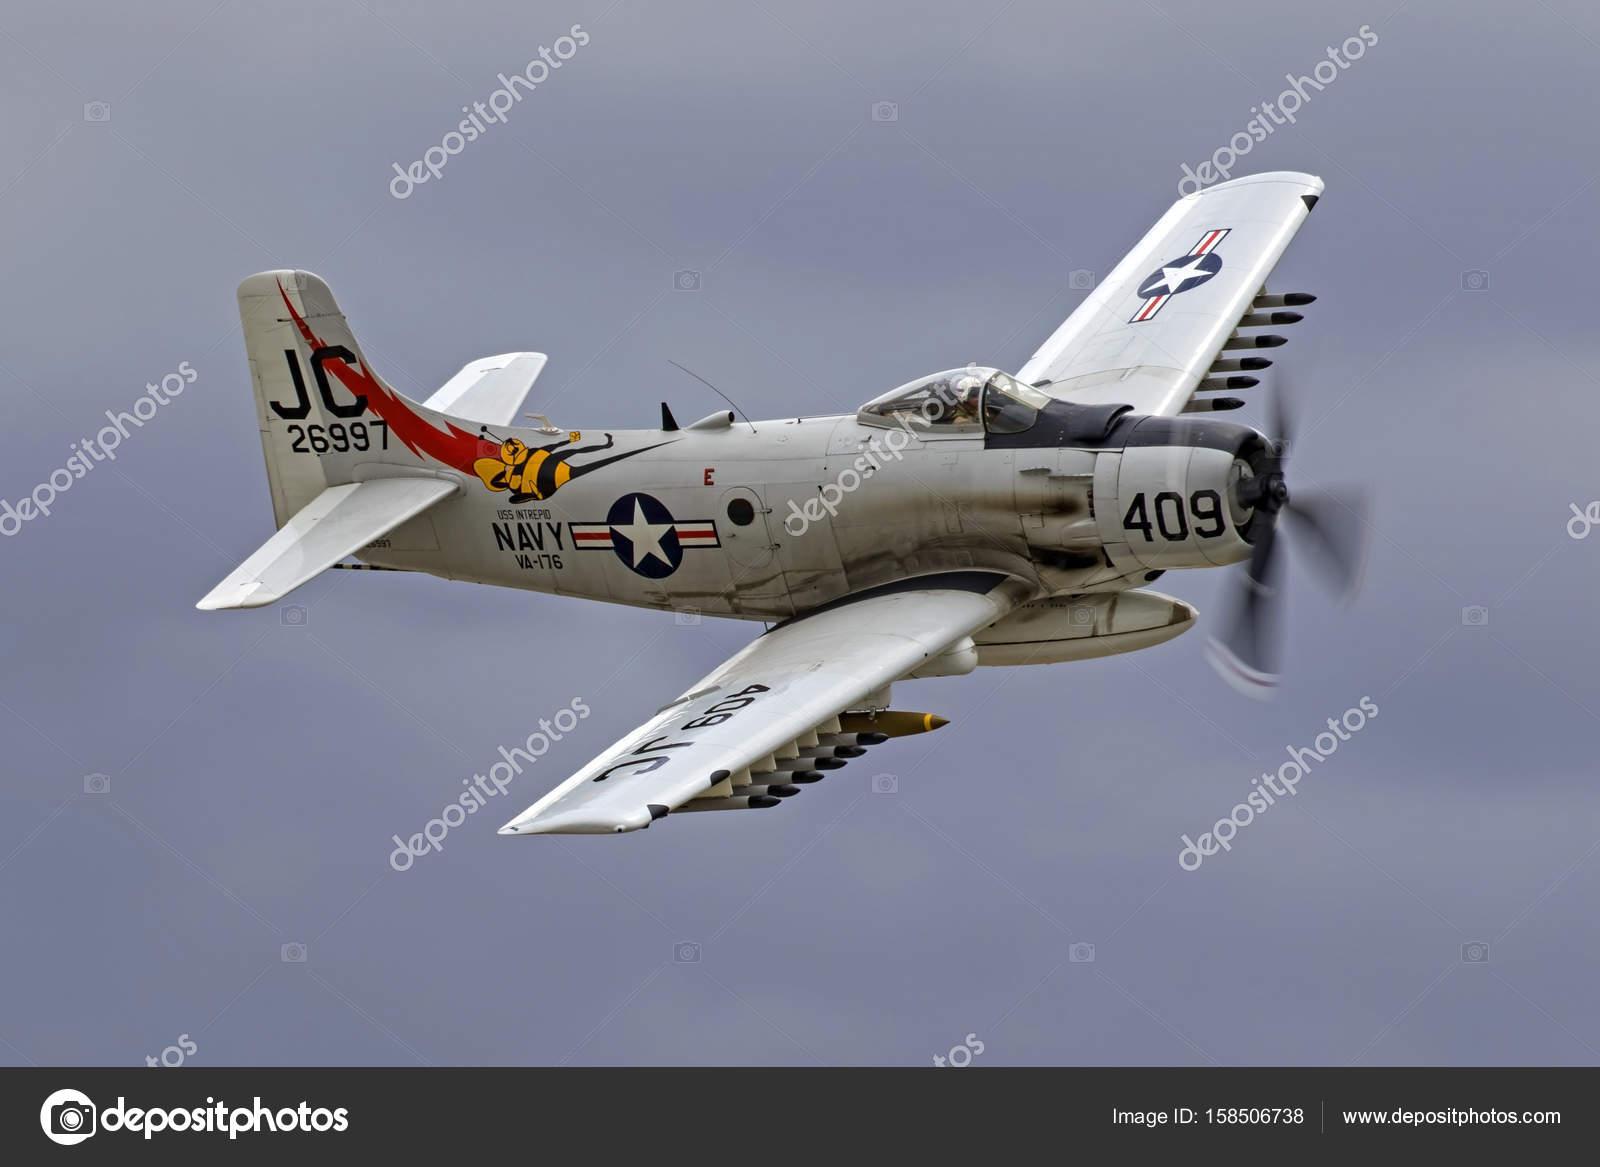 Airplane vintage A4- Skyraider Vietnam War era aircraft